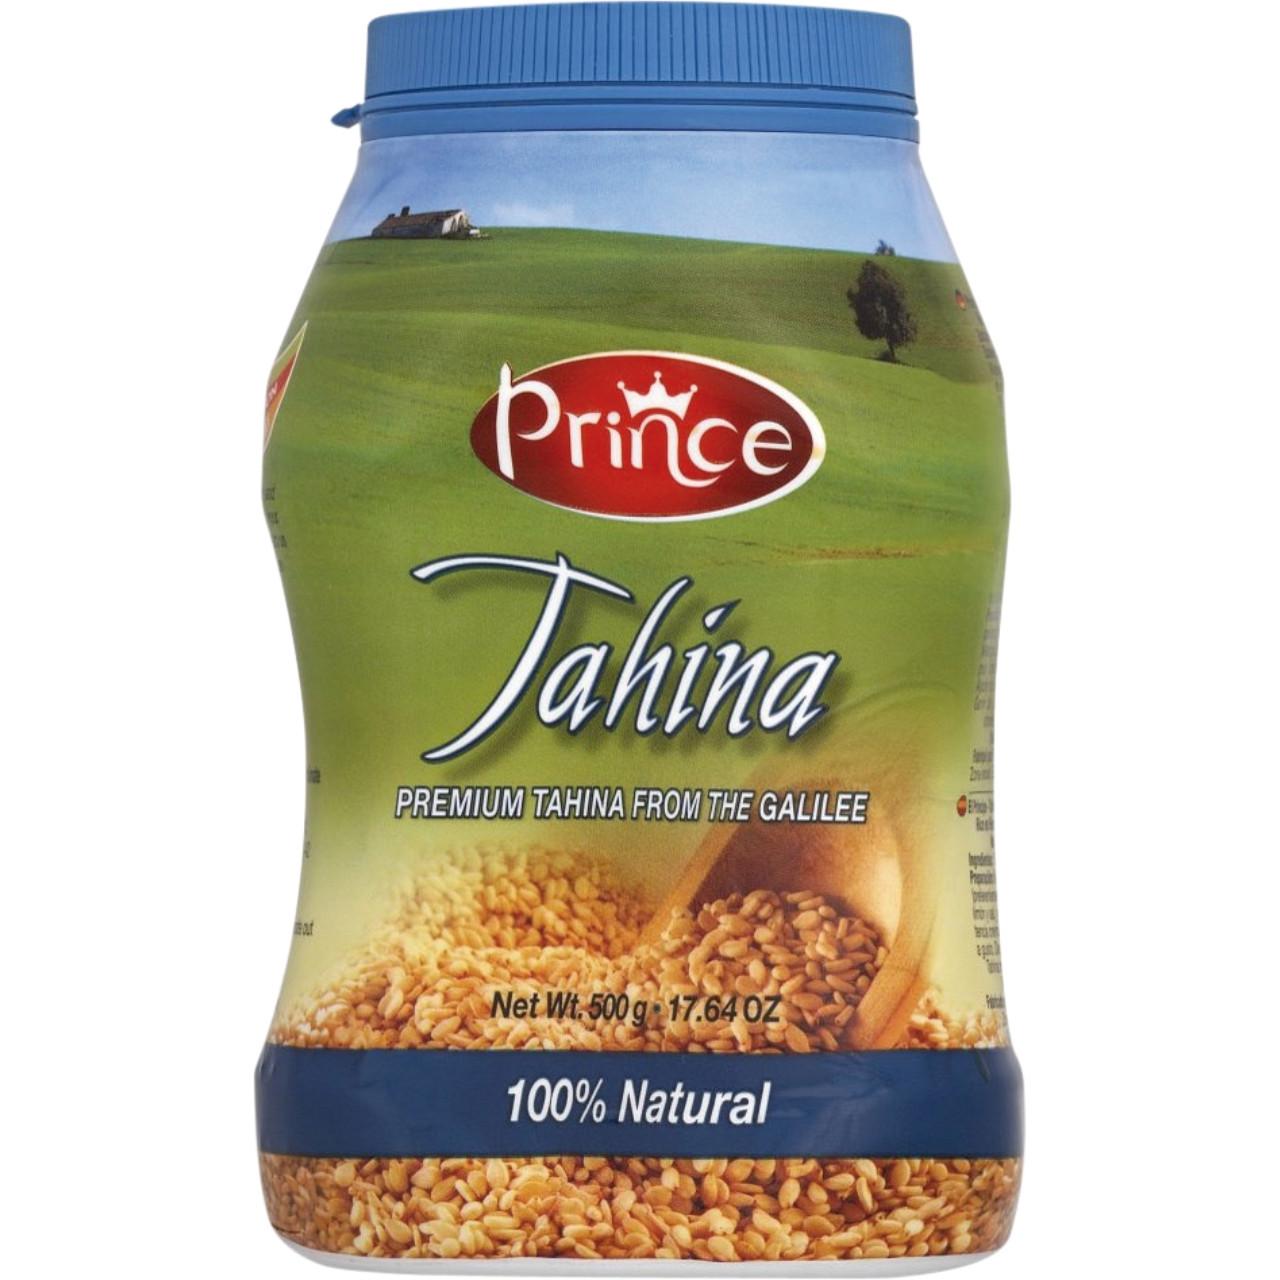 Prince-tahini natural